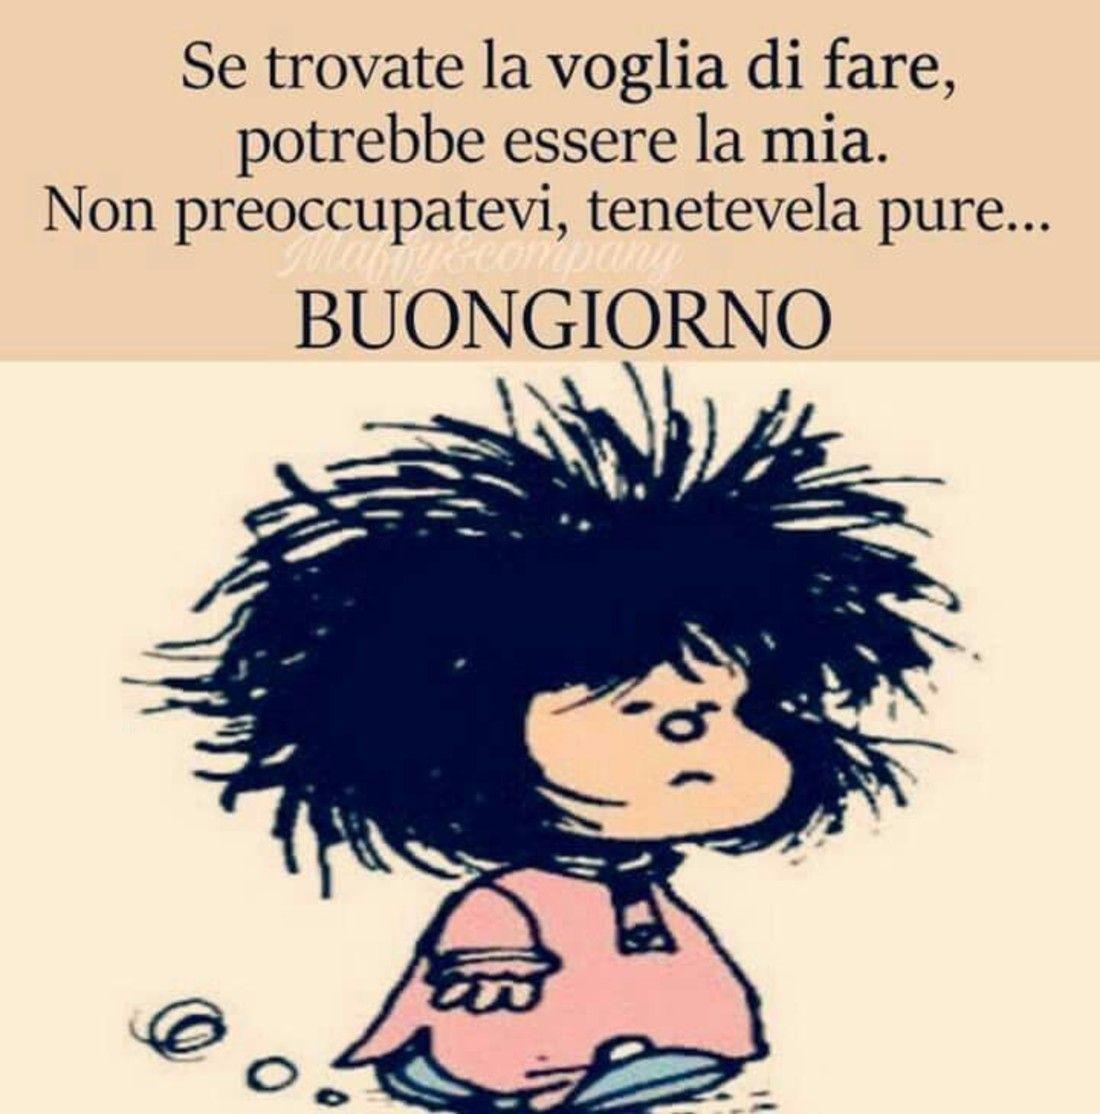 Immagini Buongiorno Mafalda 2 Buongiorno Divertente